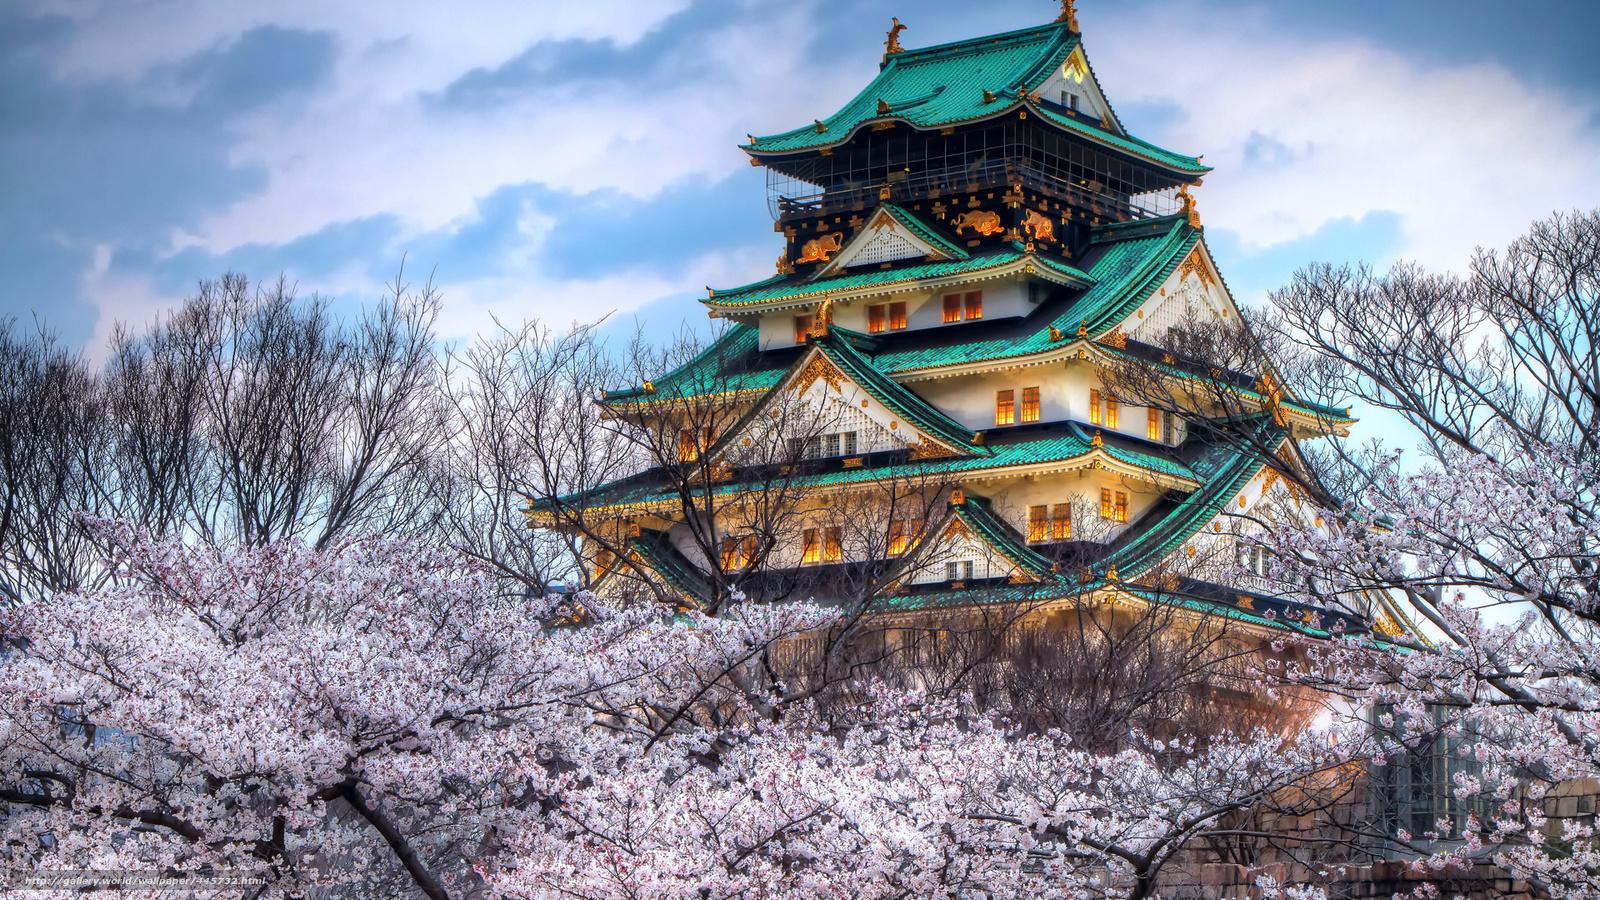 Скачать обои Небо,  облака,  пагода,  вишня бесплатно для рабочего стола в разрешении 1920x1080 — картинка №445732